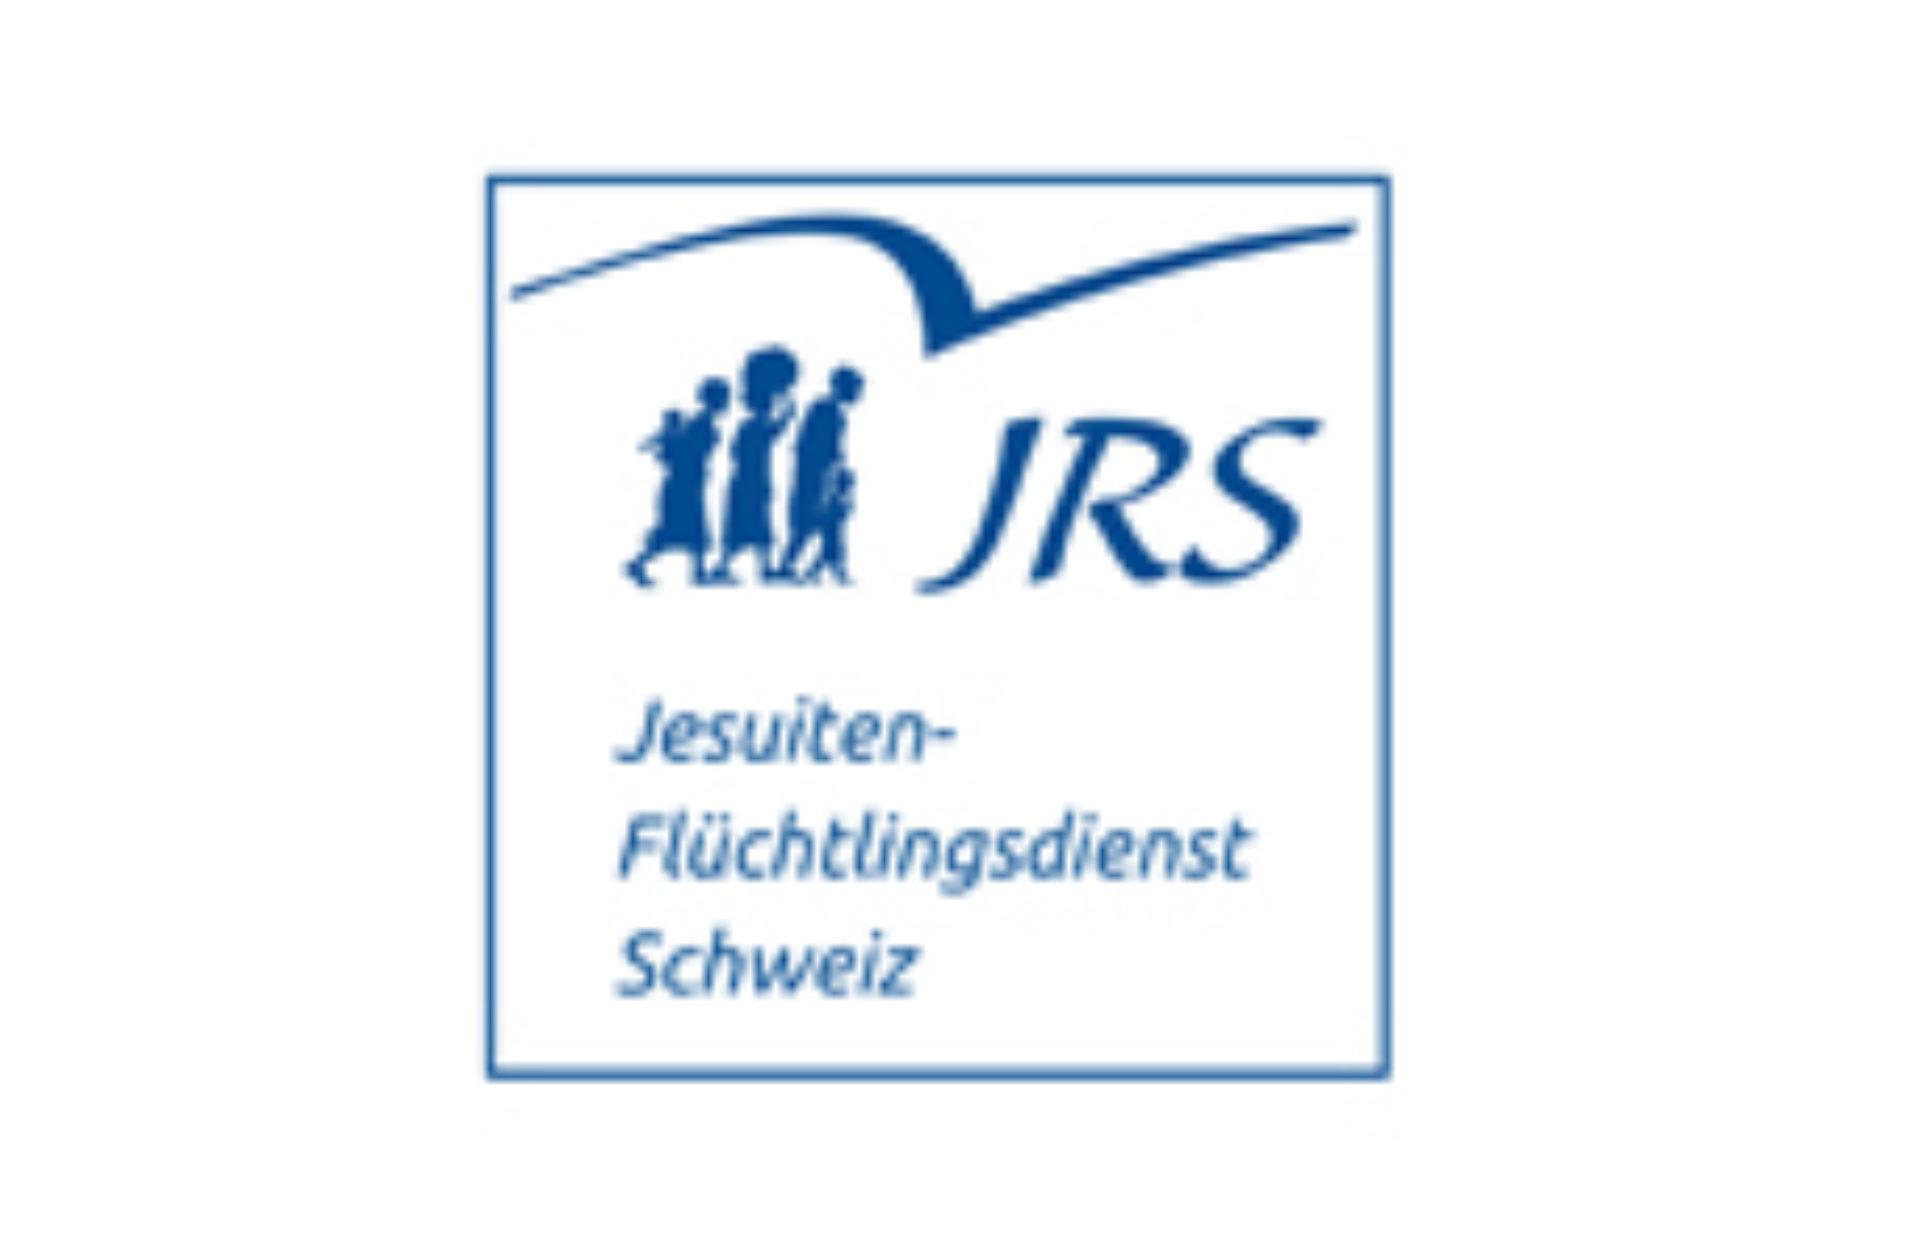 Jesuiten Flüchtlingsdienst Schweiz